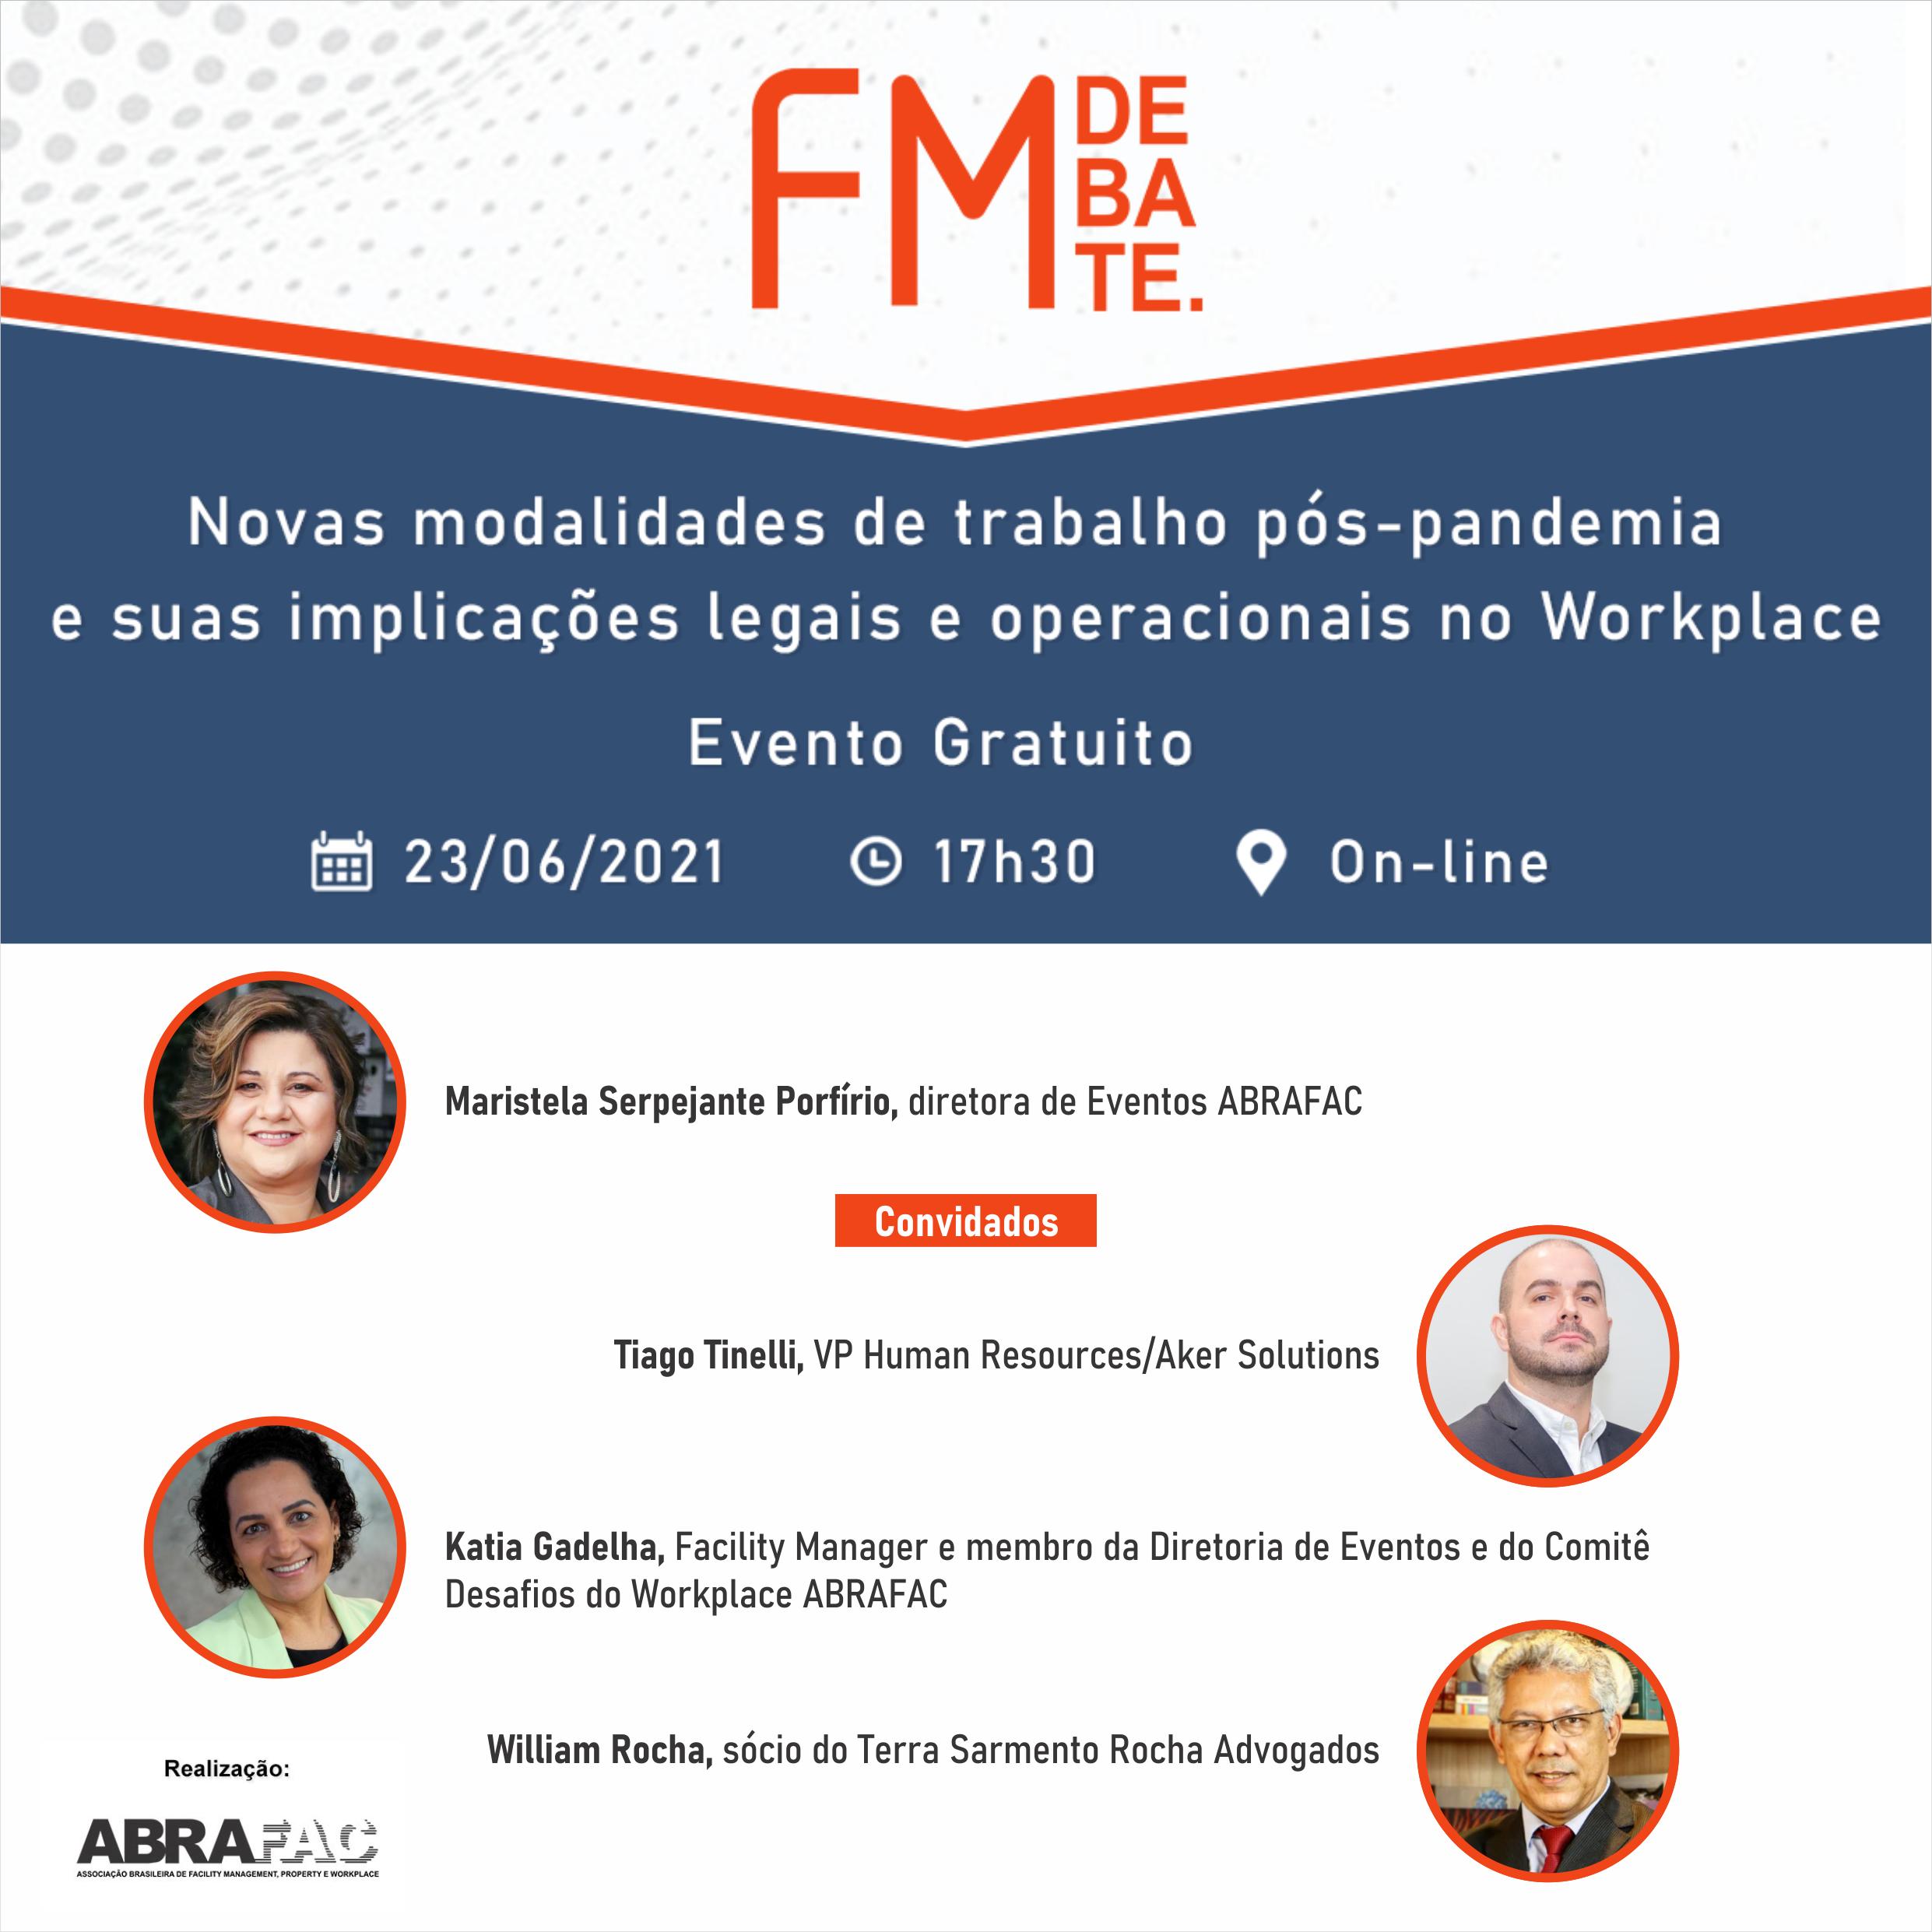 FM Debate abordará novas modalidades de trabalho pós-pandemia e suas implicações legais e operacionais no Workplace